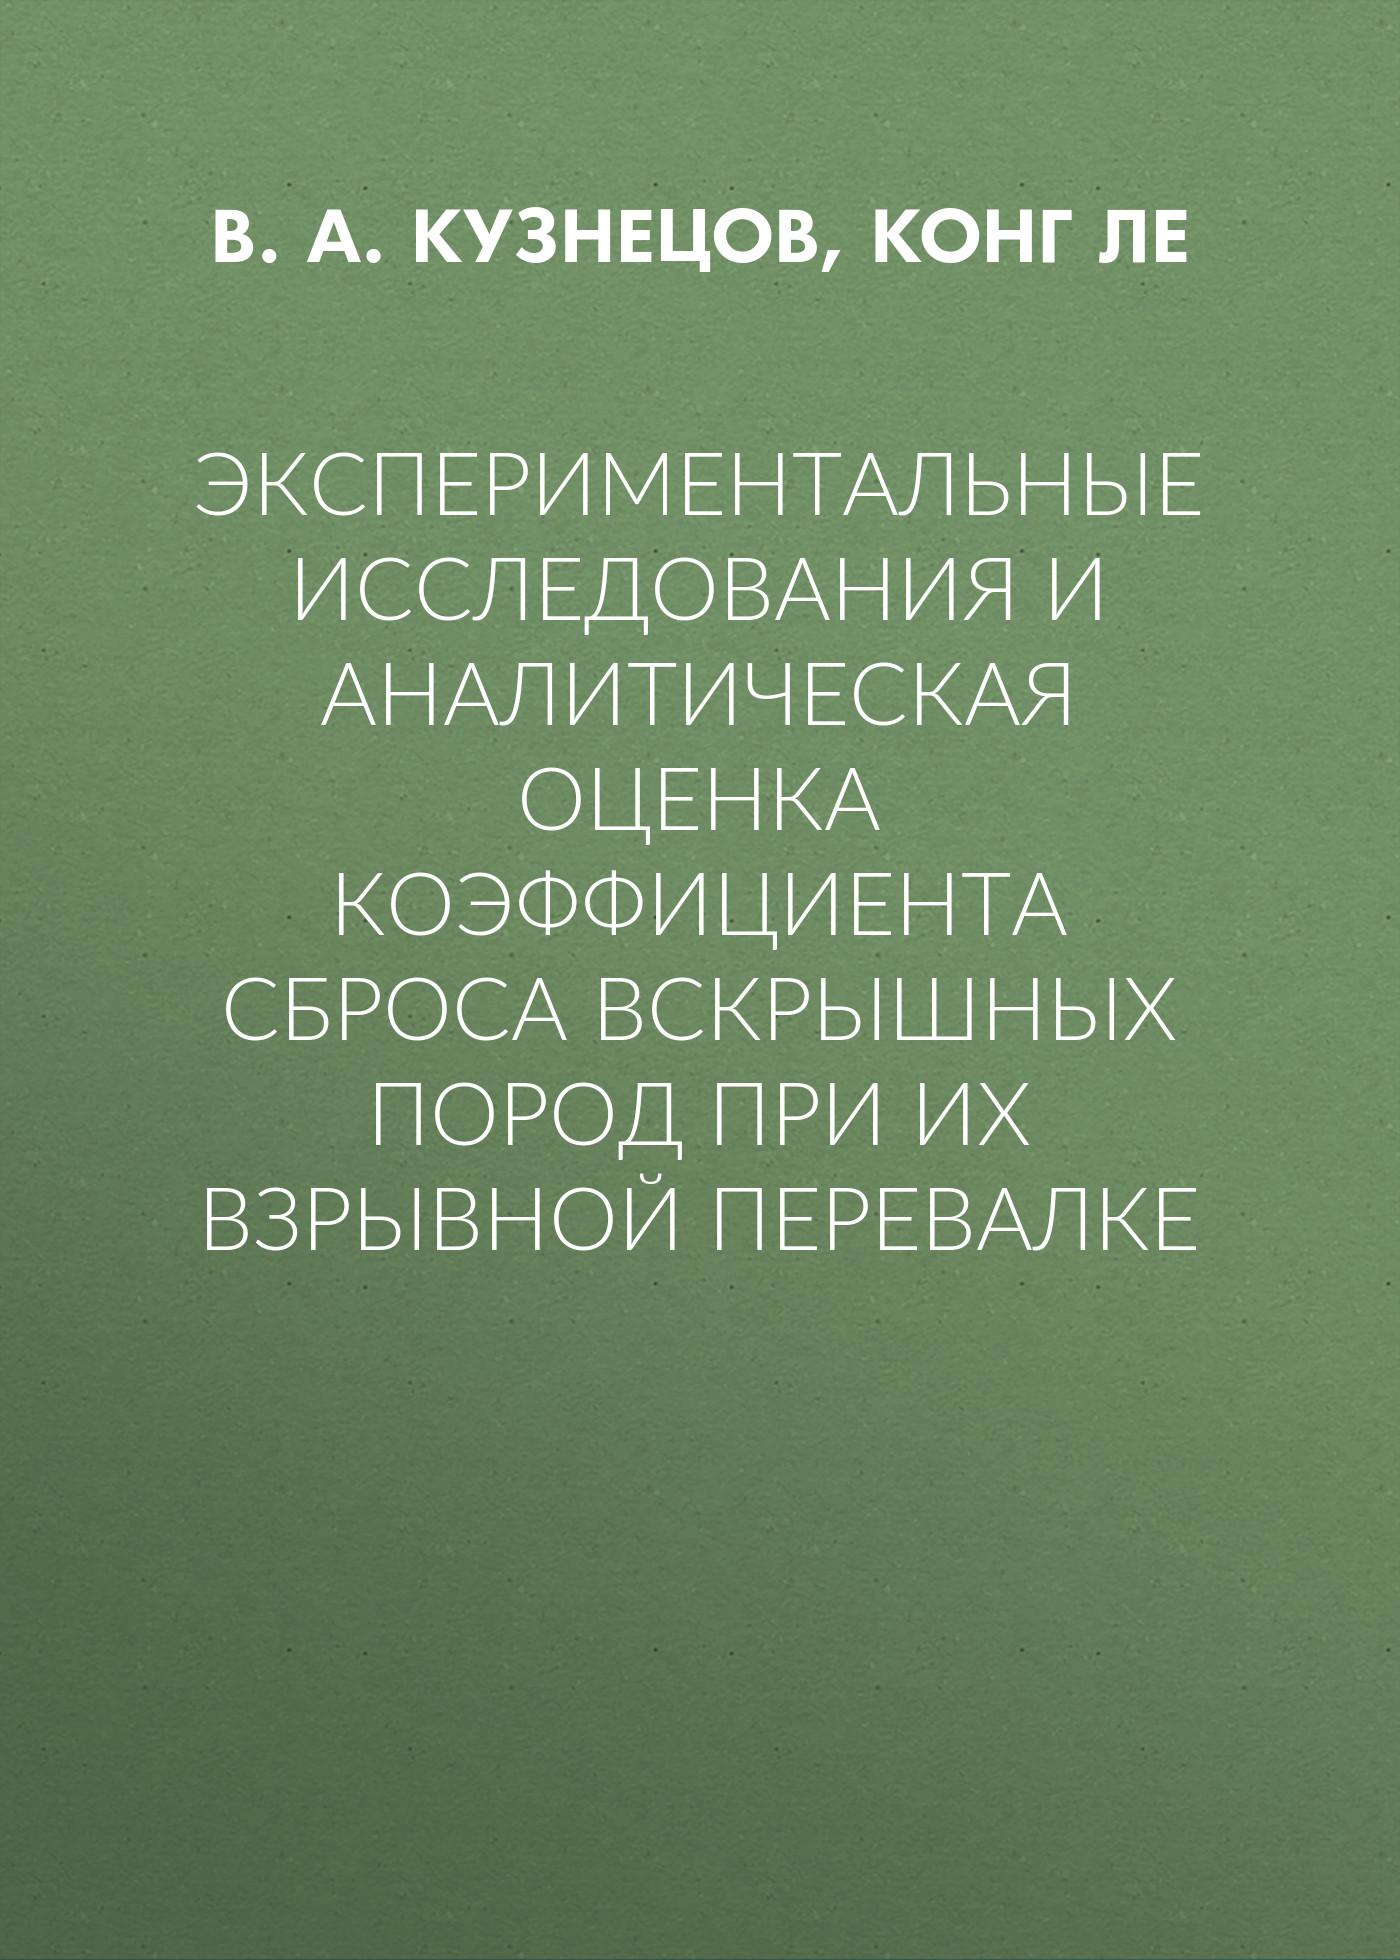 В. А. Кузнецов Экспериментальные исследования и аналитическая оценка коэффициента сброса вскрышных пород при их взрывной перевалке